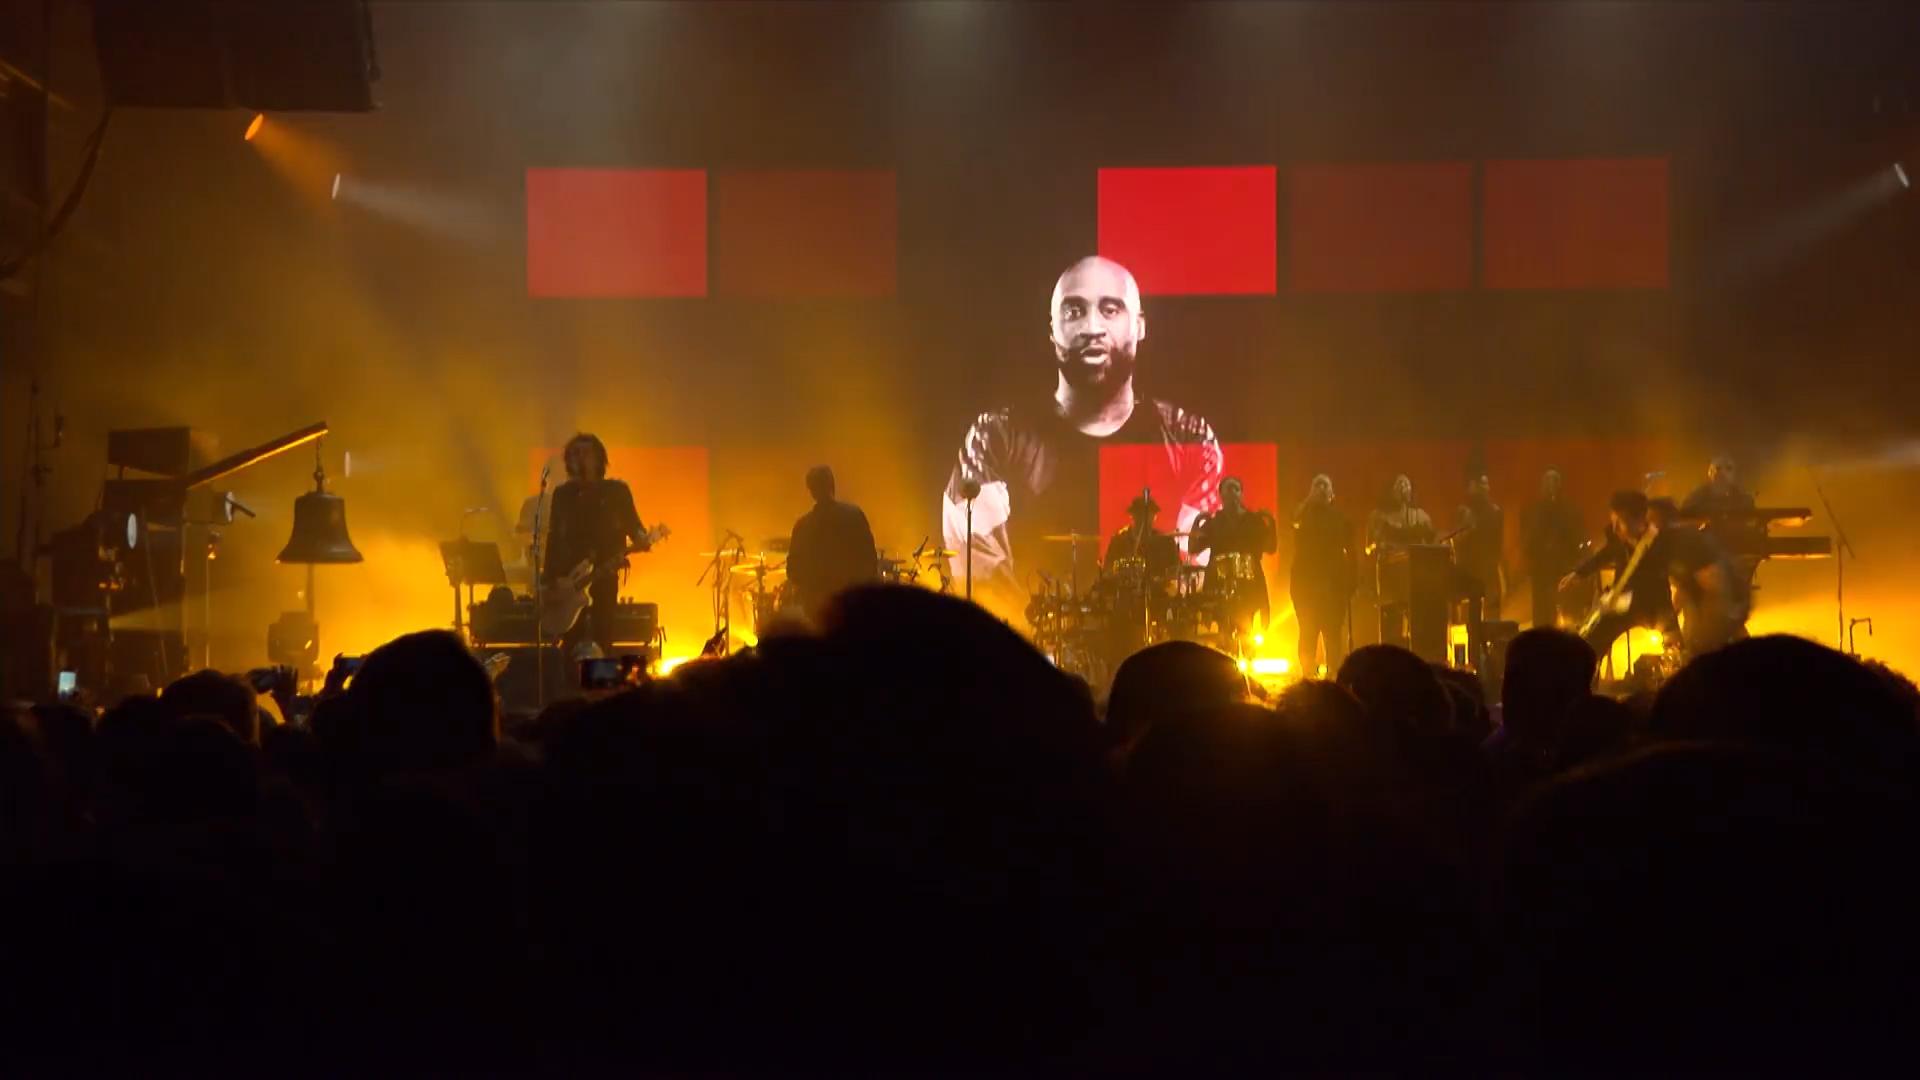 A_DioGORILLAZ Humanz live in Cologne (2017) (0-14-53-09).jpg